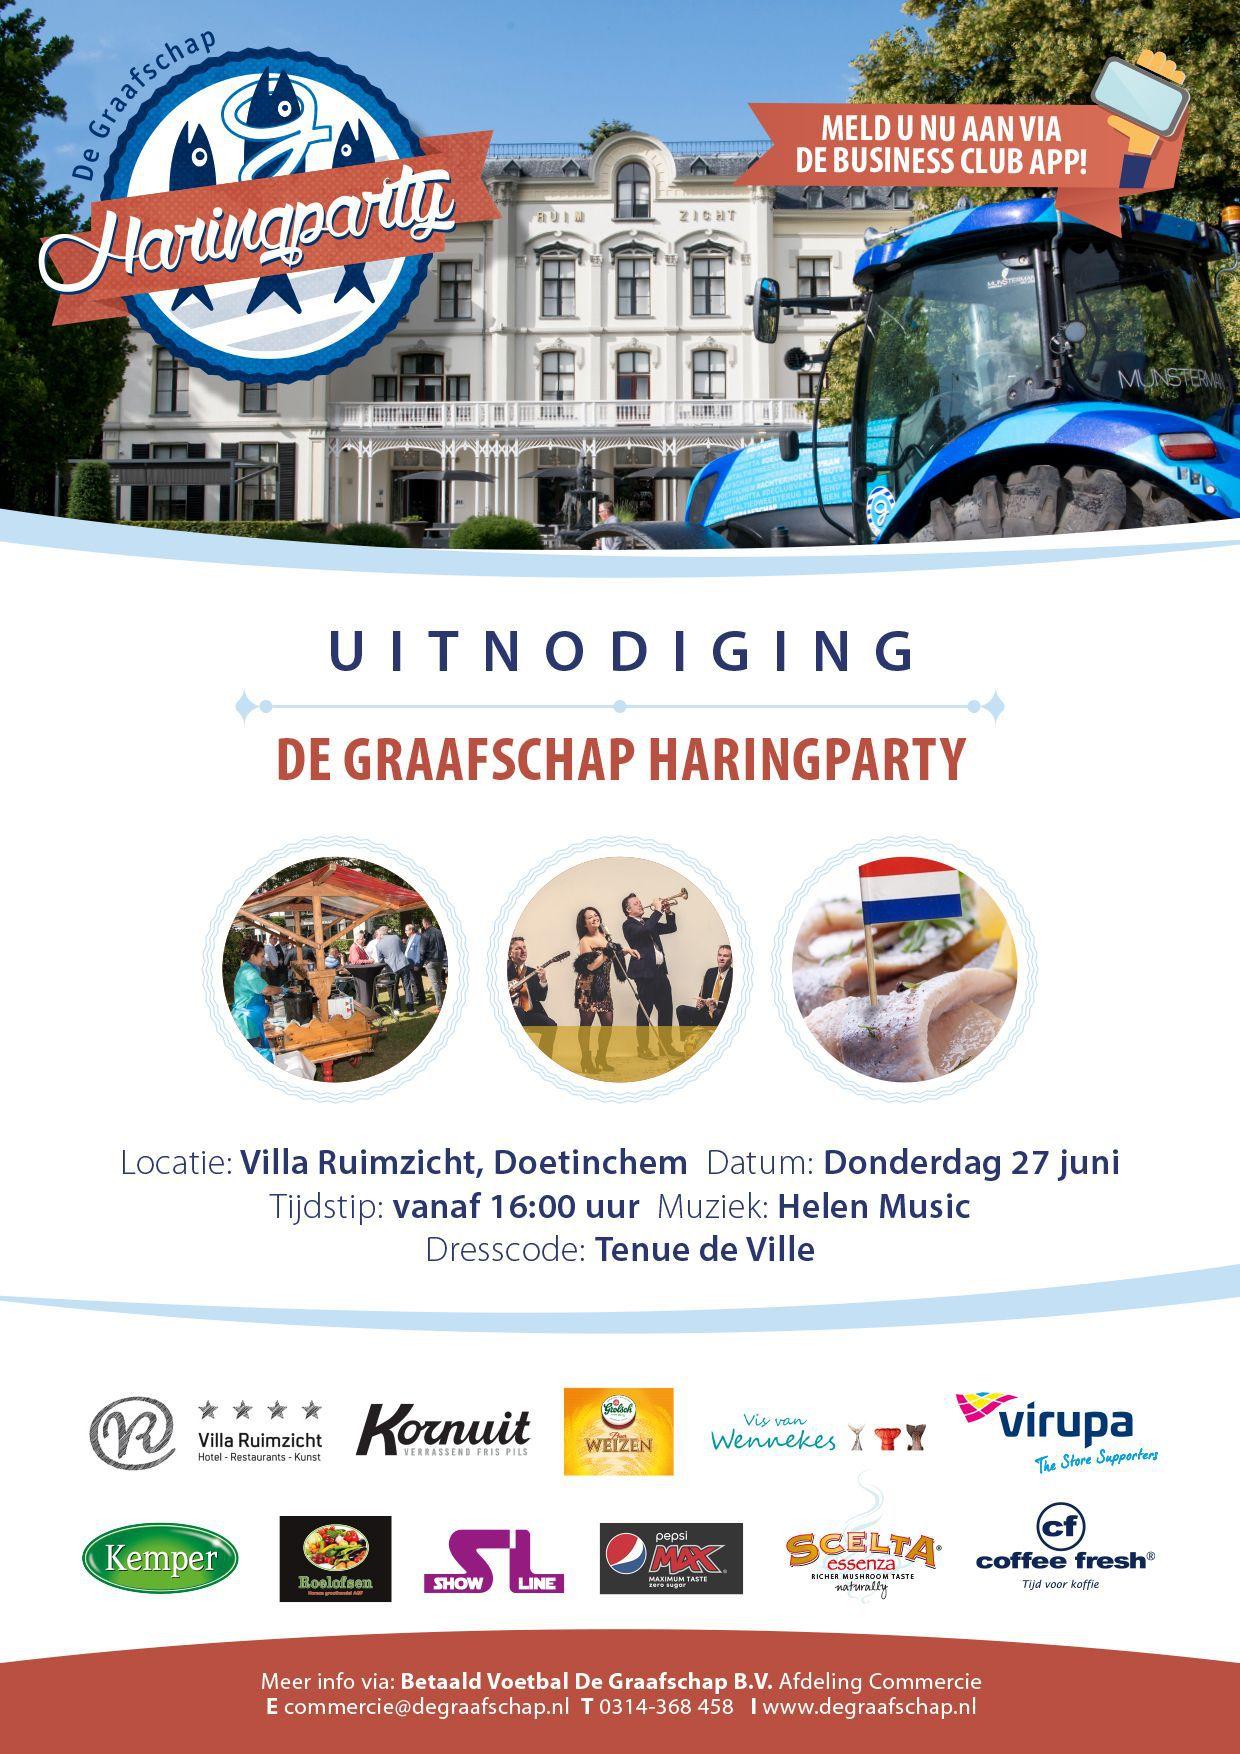 De-Graafschap-uitnodiging-Haringparty.jpg